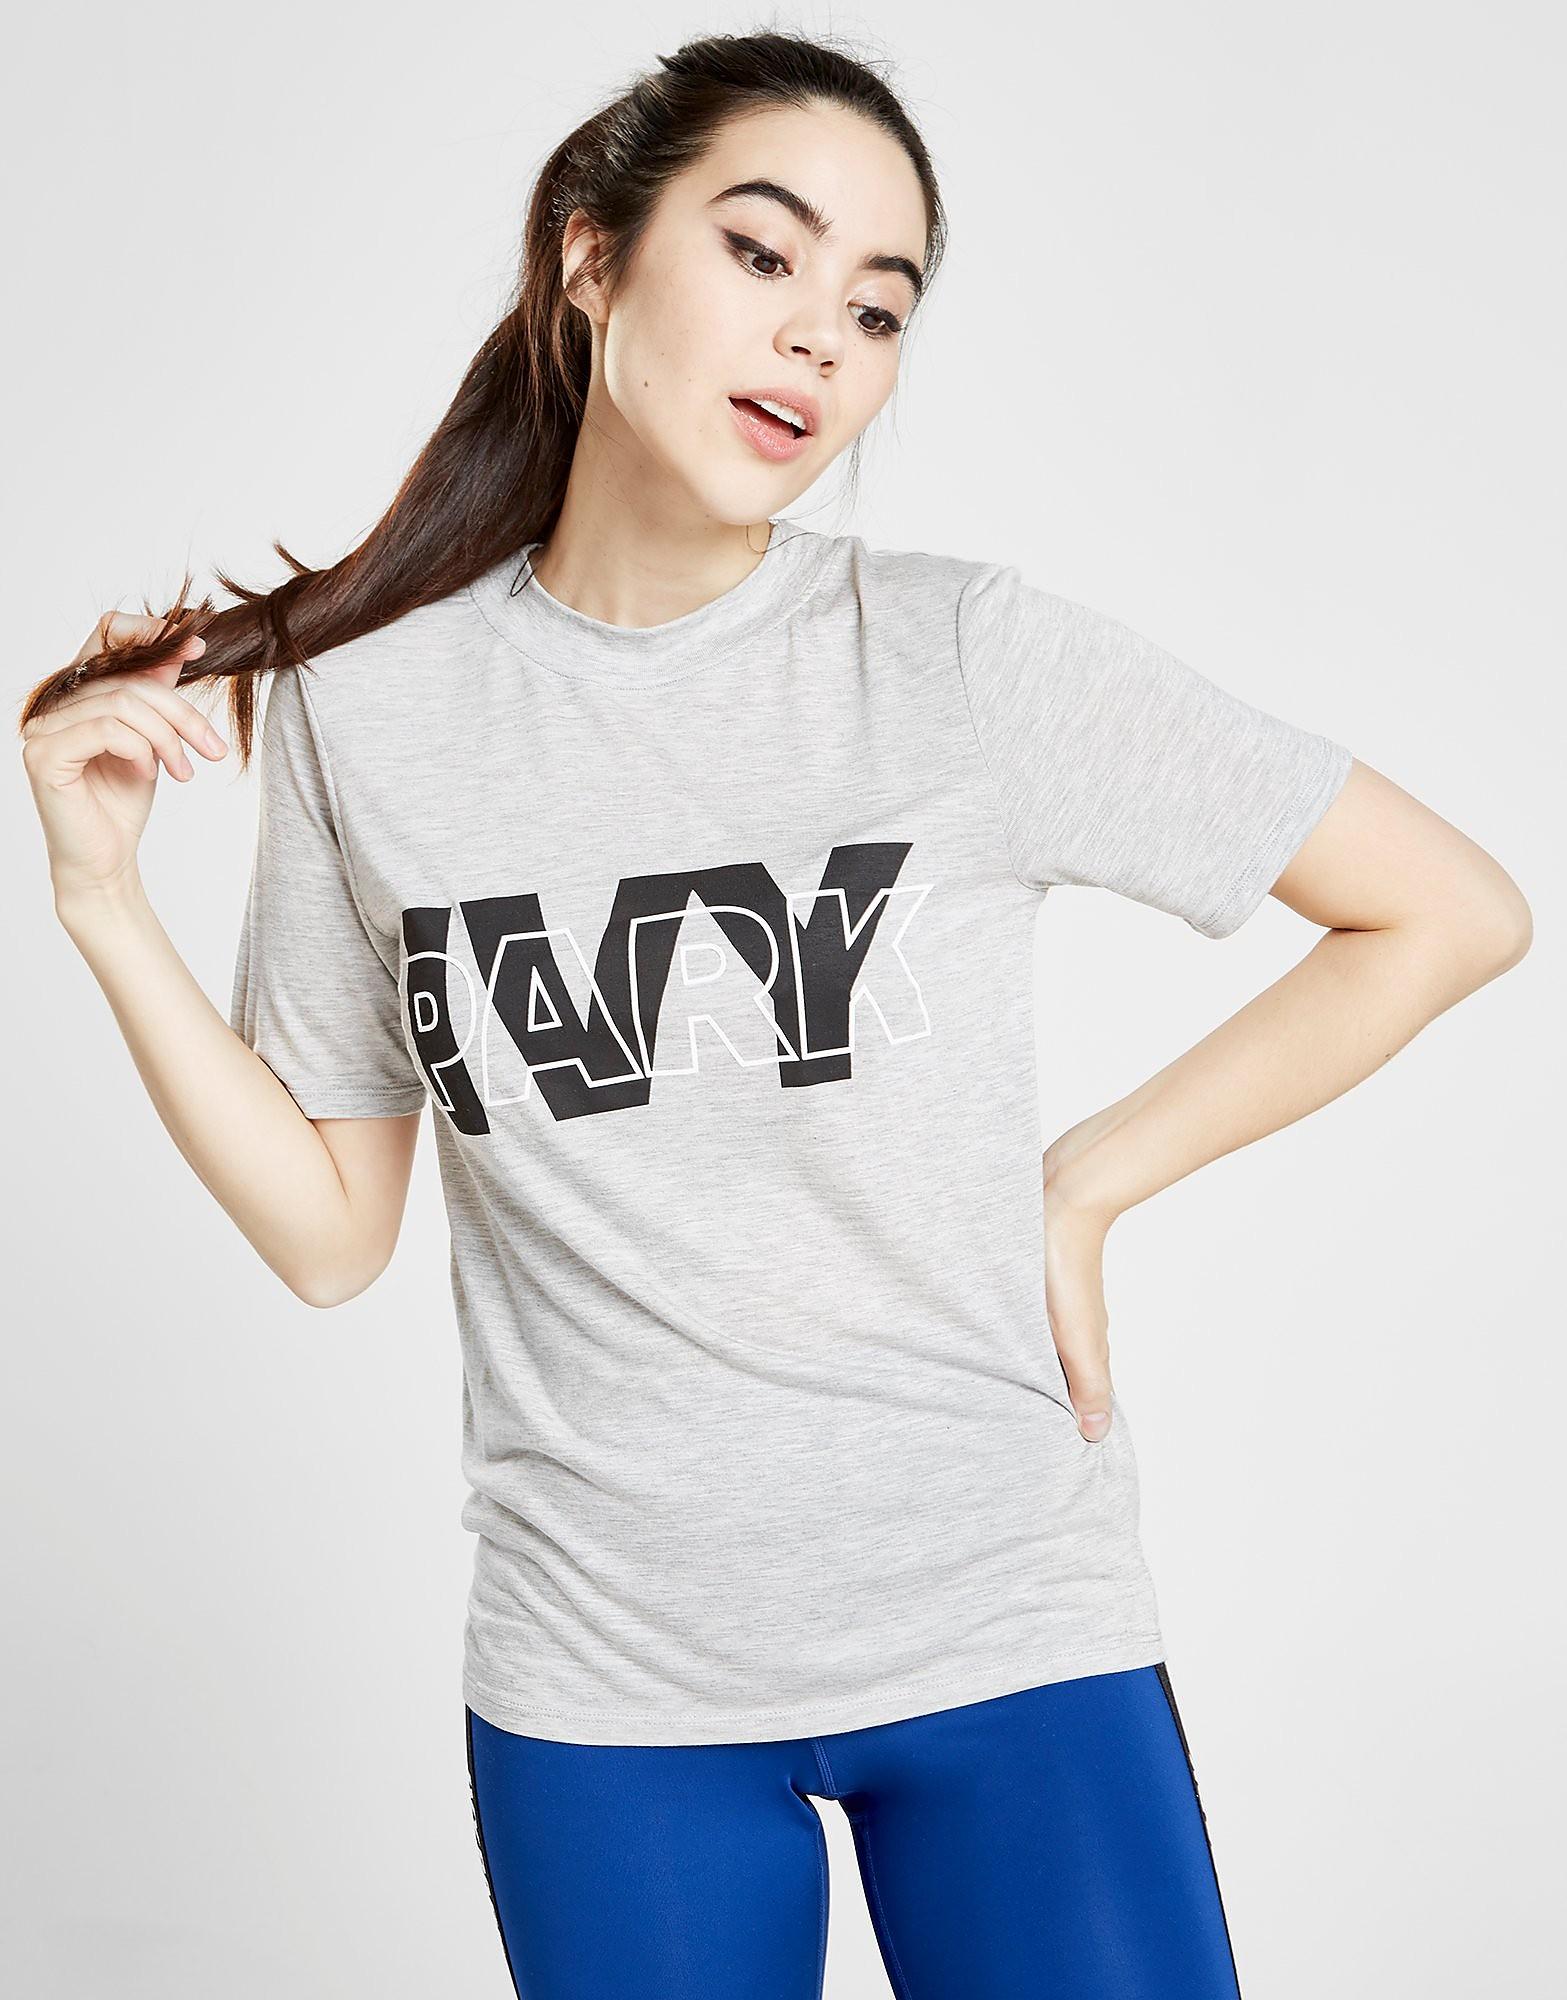 IVY PARK T-shirt Femme - Gris, Gris